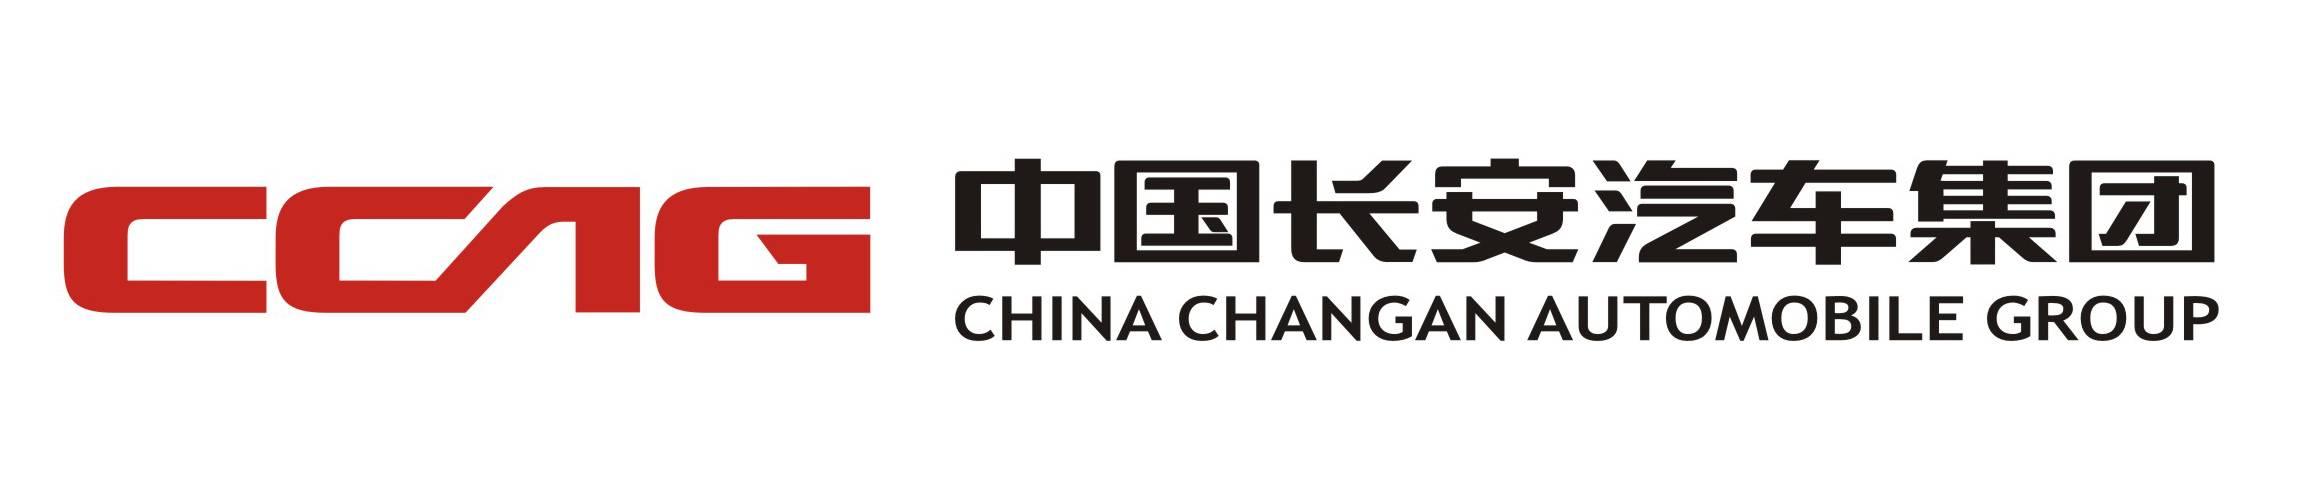 logo logo 标志 设计 矢量 矢量图 素材 图标 2298_486